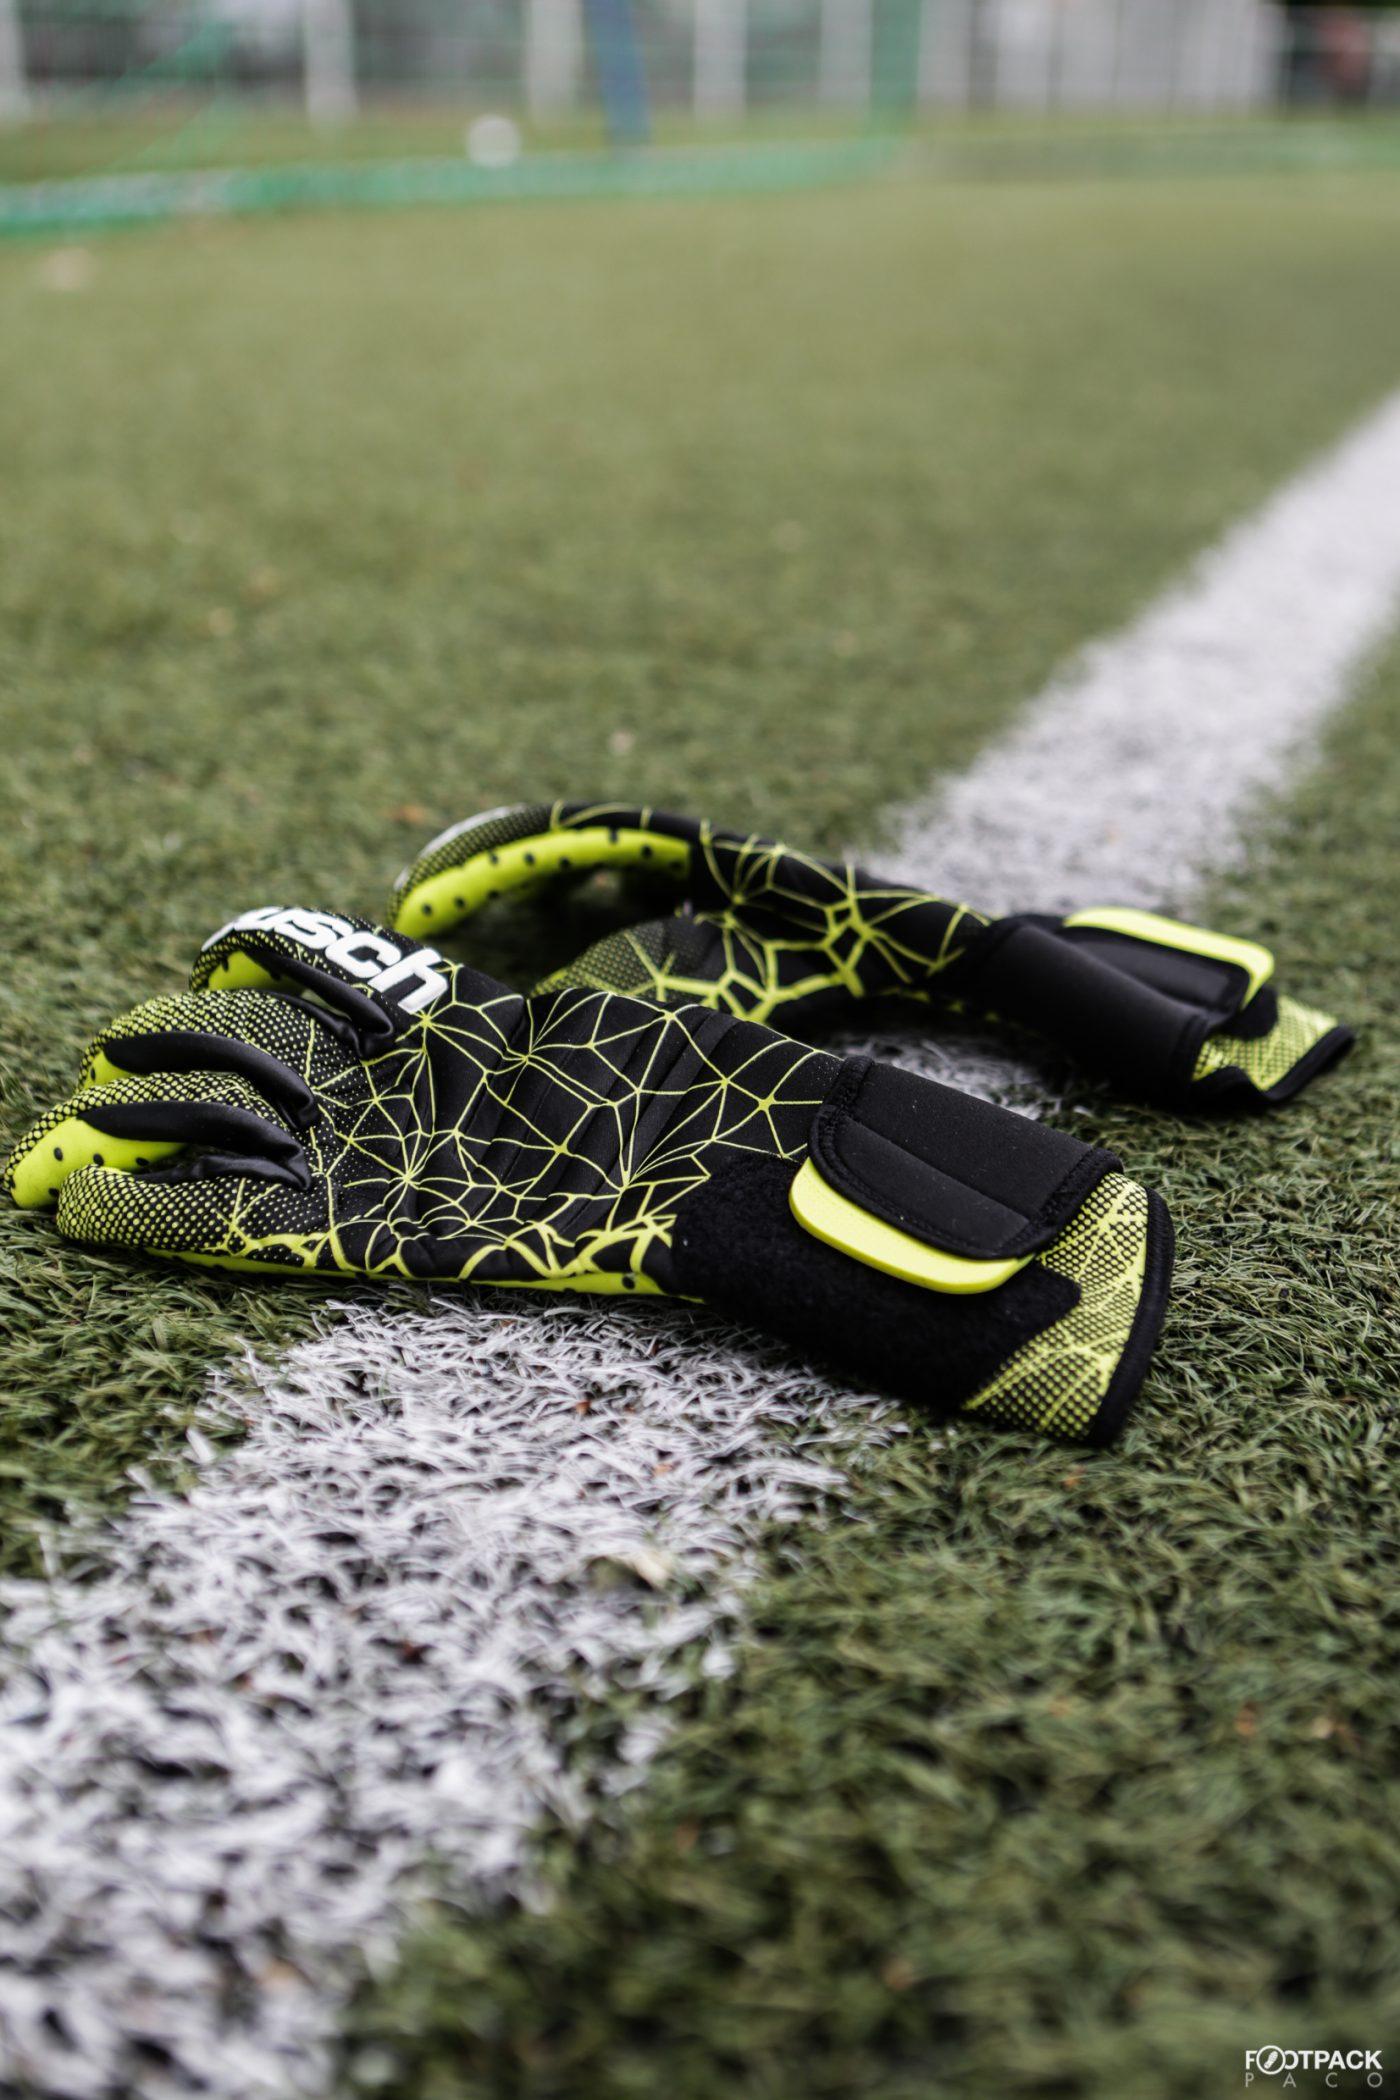 gants-reusch-mousse-G3-Speedbump-footpack-4